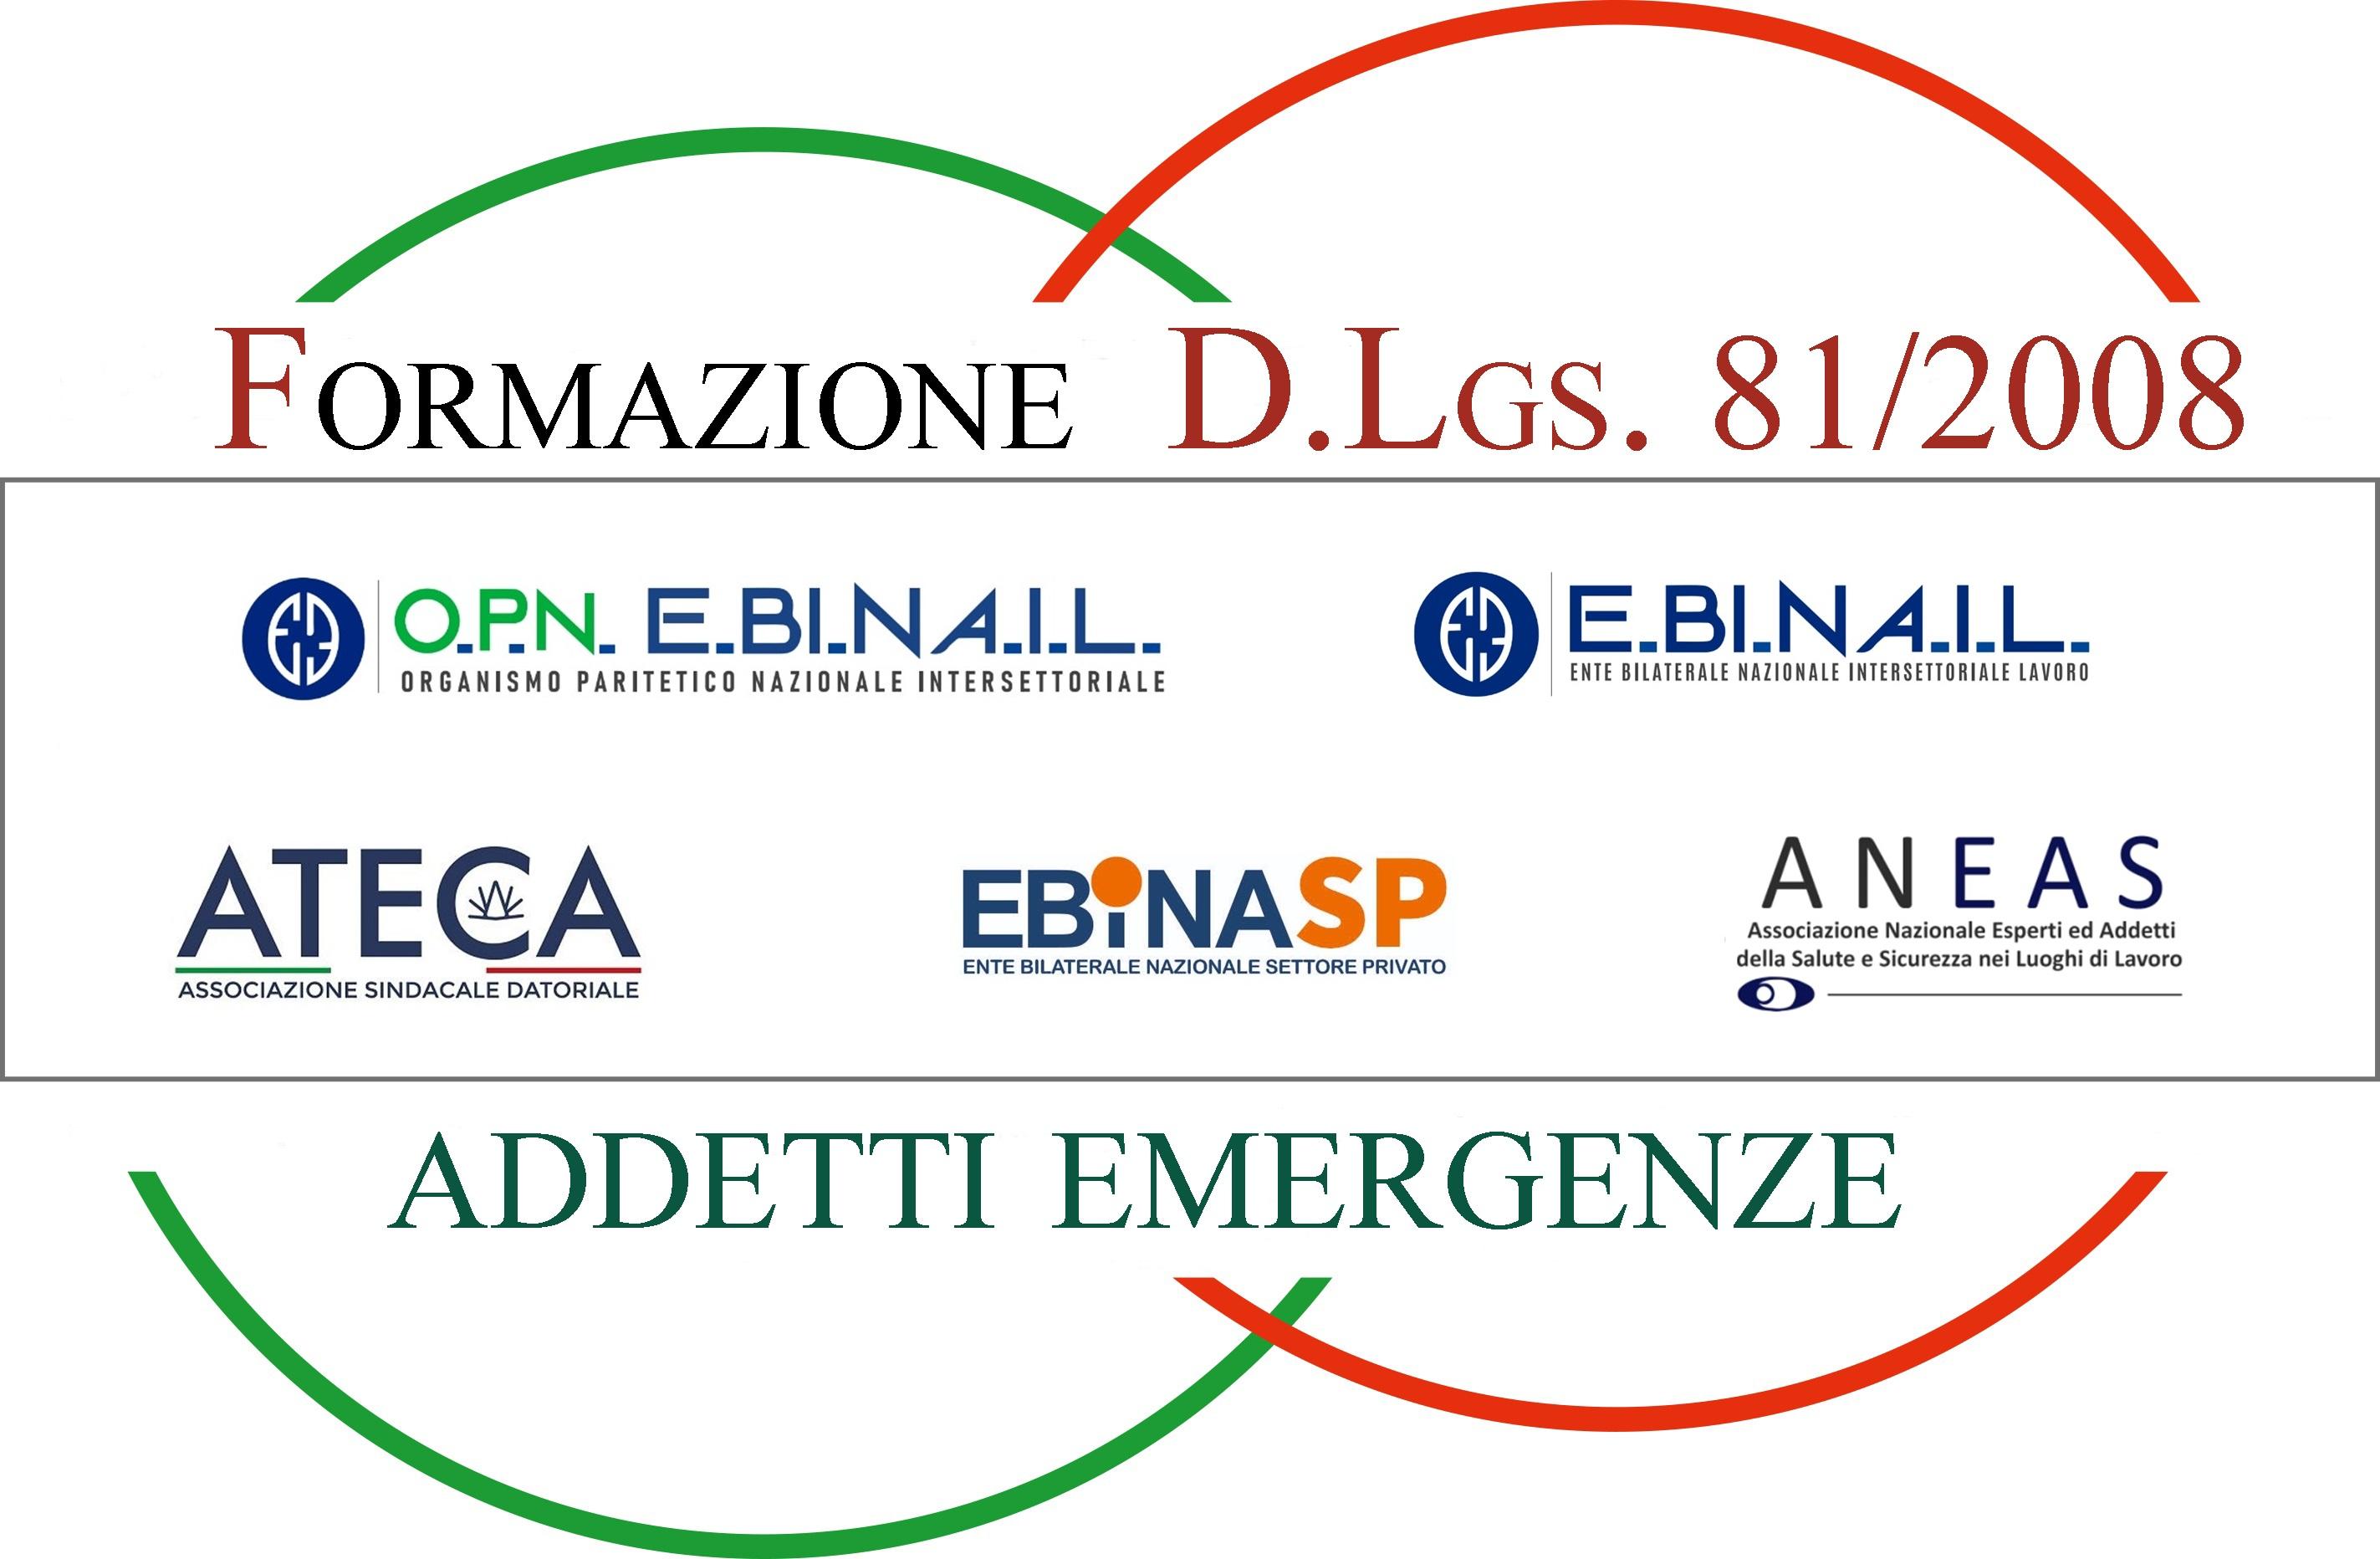 [AUDIO] CORSO DI AGGIORNAMENTO PER ADDETTO ALLA PREVENZIONE INCENDI, LOTTA ANTINCENDIO E GESTIONE DELLE EMERGENZE - RISCHIO BASSO (2 ORE)